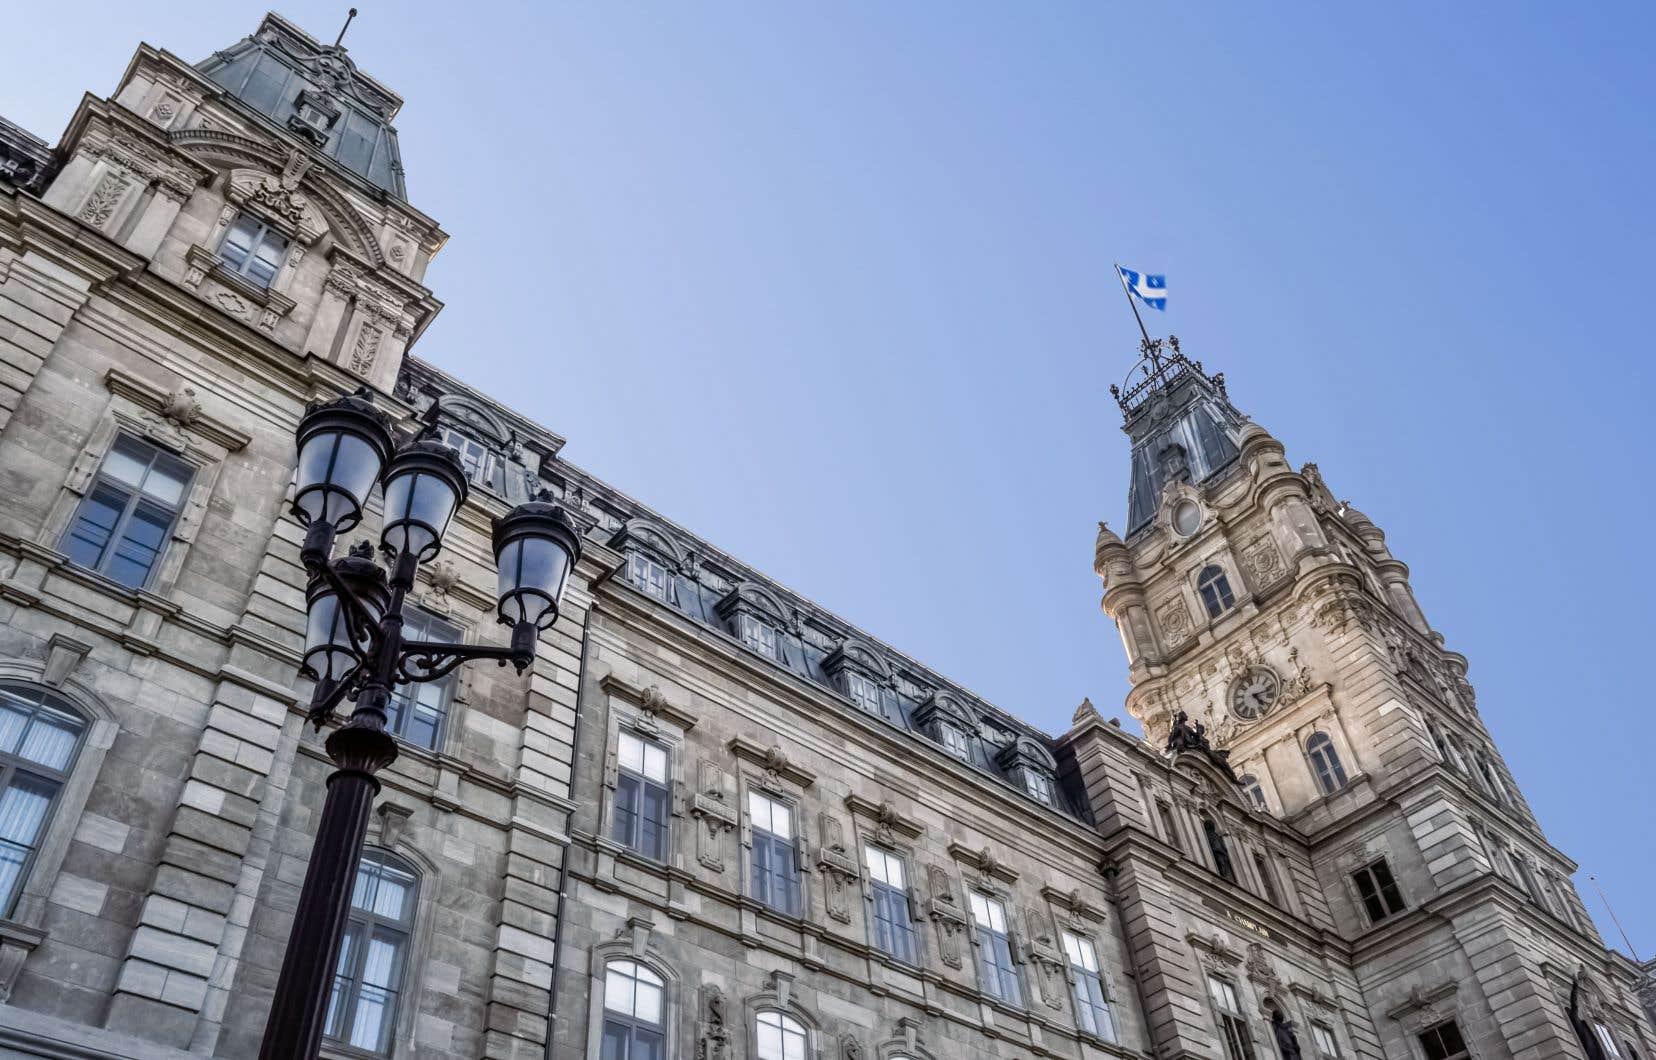 En plus de consacrer 60millions de dollars à la construction d'un nouveau centre des visiteurs et de nouvelles salles de commission parlementaire, la direction de l'Assemblée nationale a ordonné la «modernisation» des systèmes de contrôle d'accès et de vidéosurveillance dans l'hôtel du Parlement et des bâtiments adjacents, érigés à la fin du XIXesiècle et au début du XXesiècle.